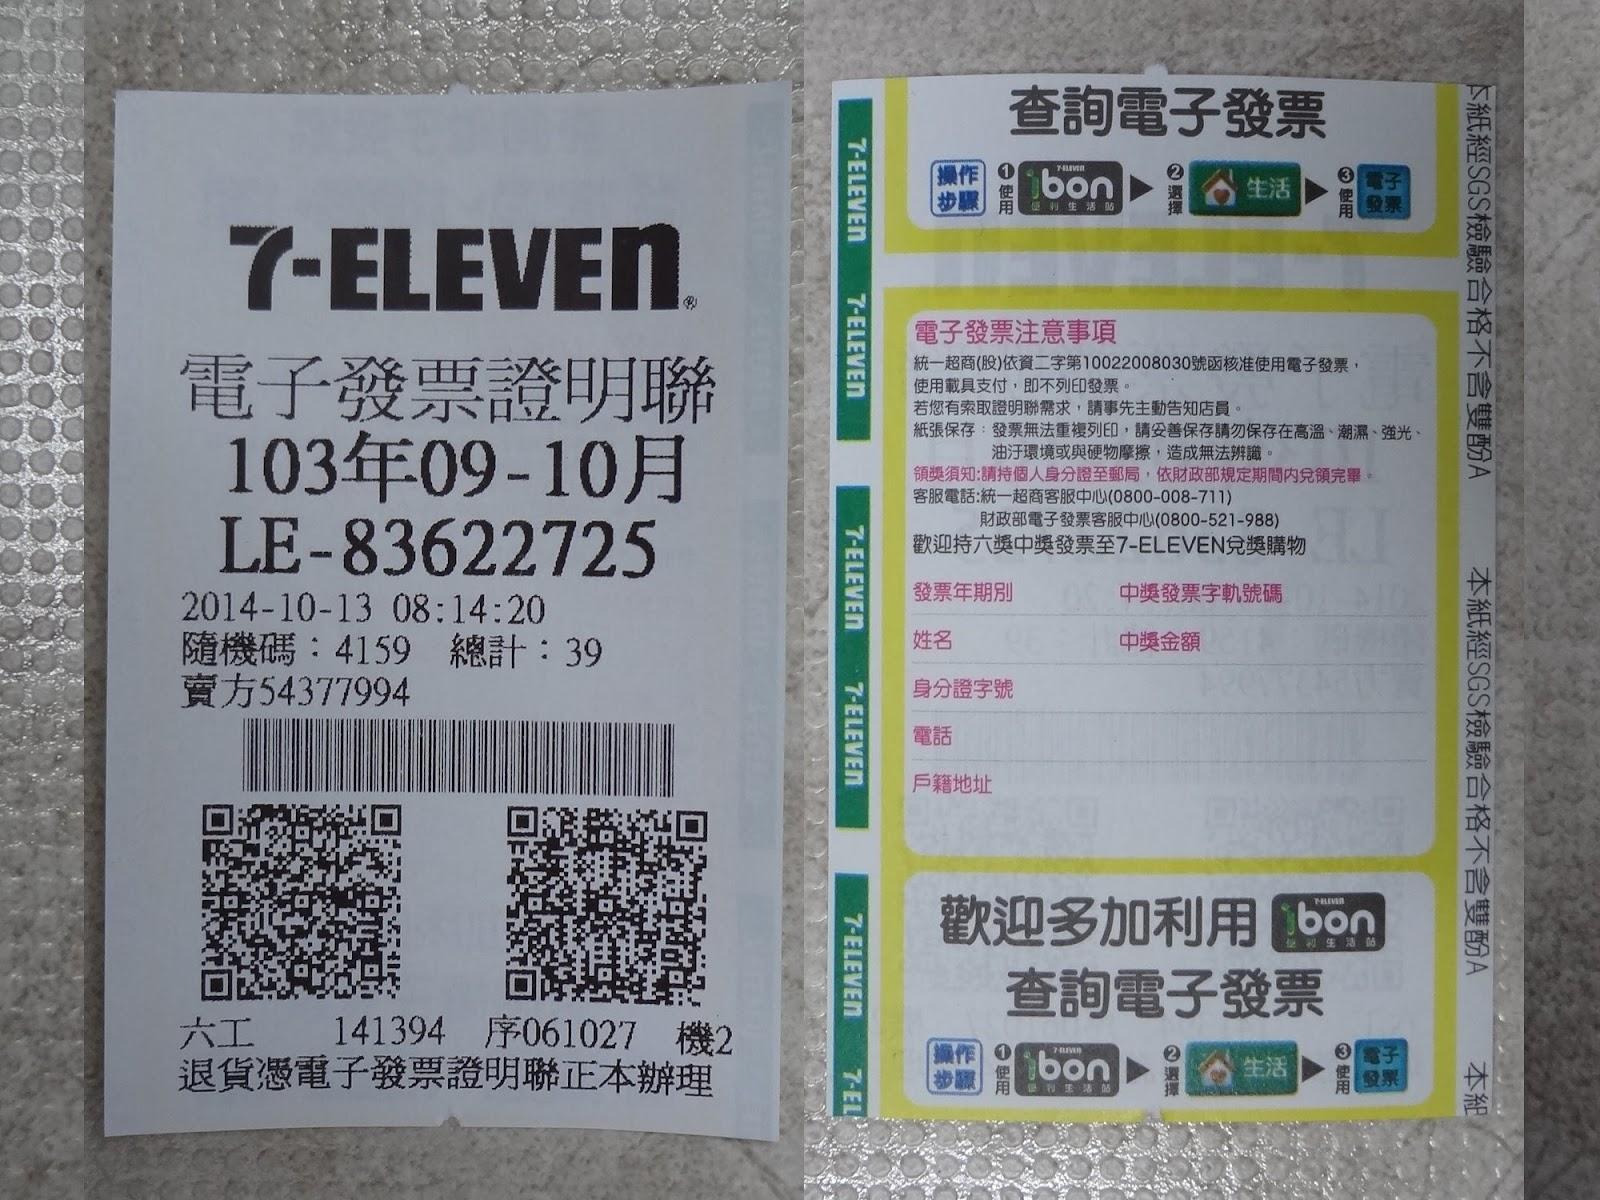 File:TW 7-Eleven e-invoice